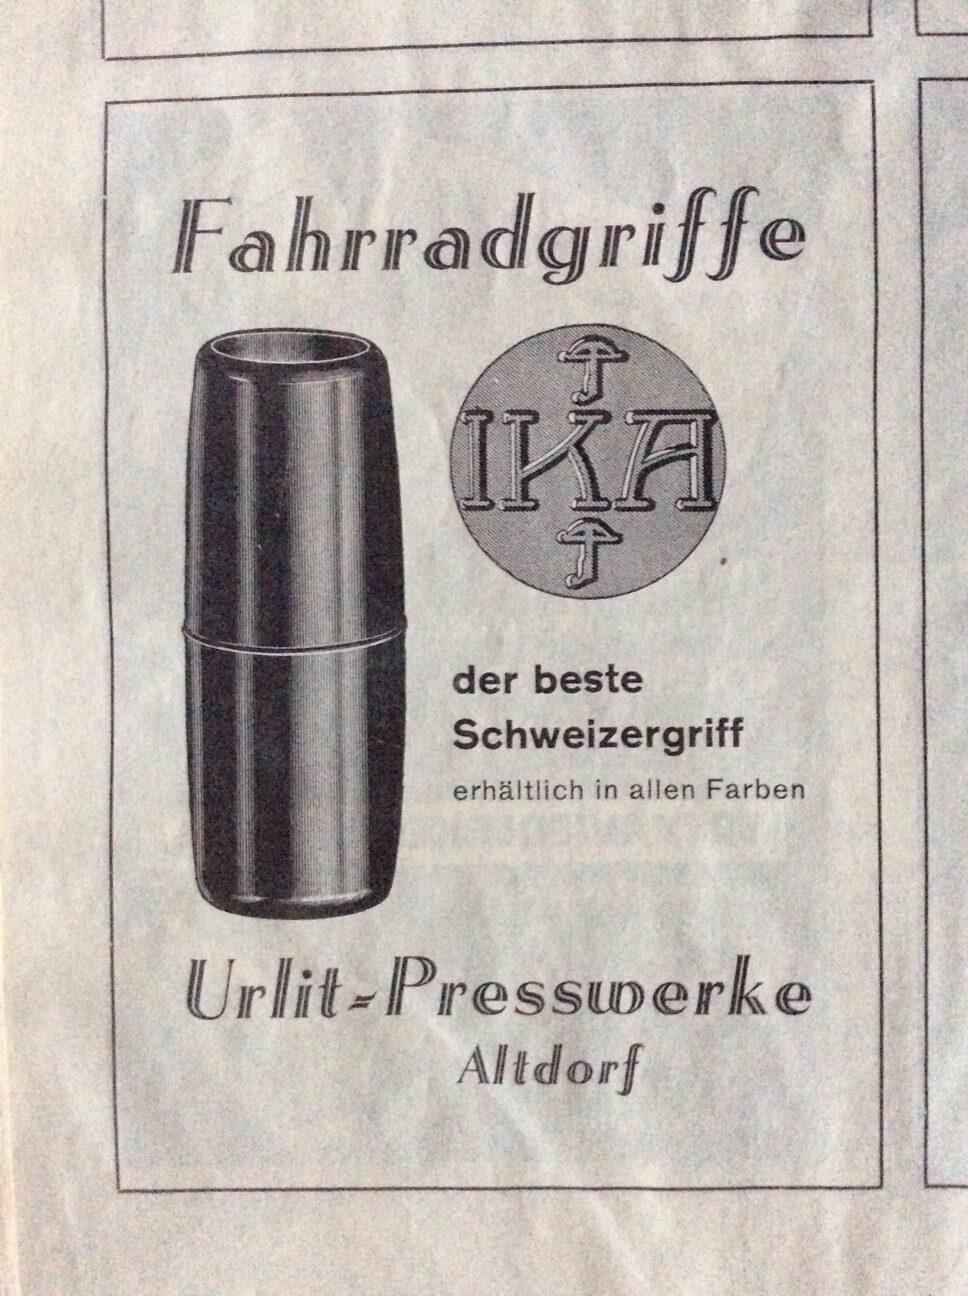 IKA Griffe der Firma Urlit